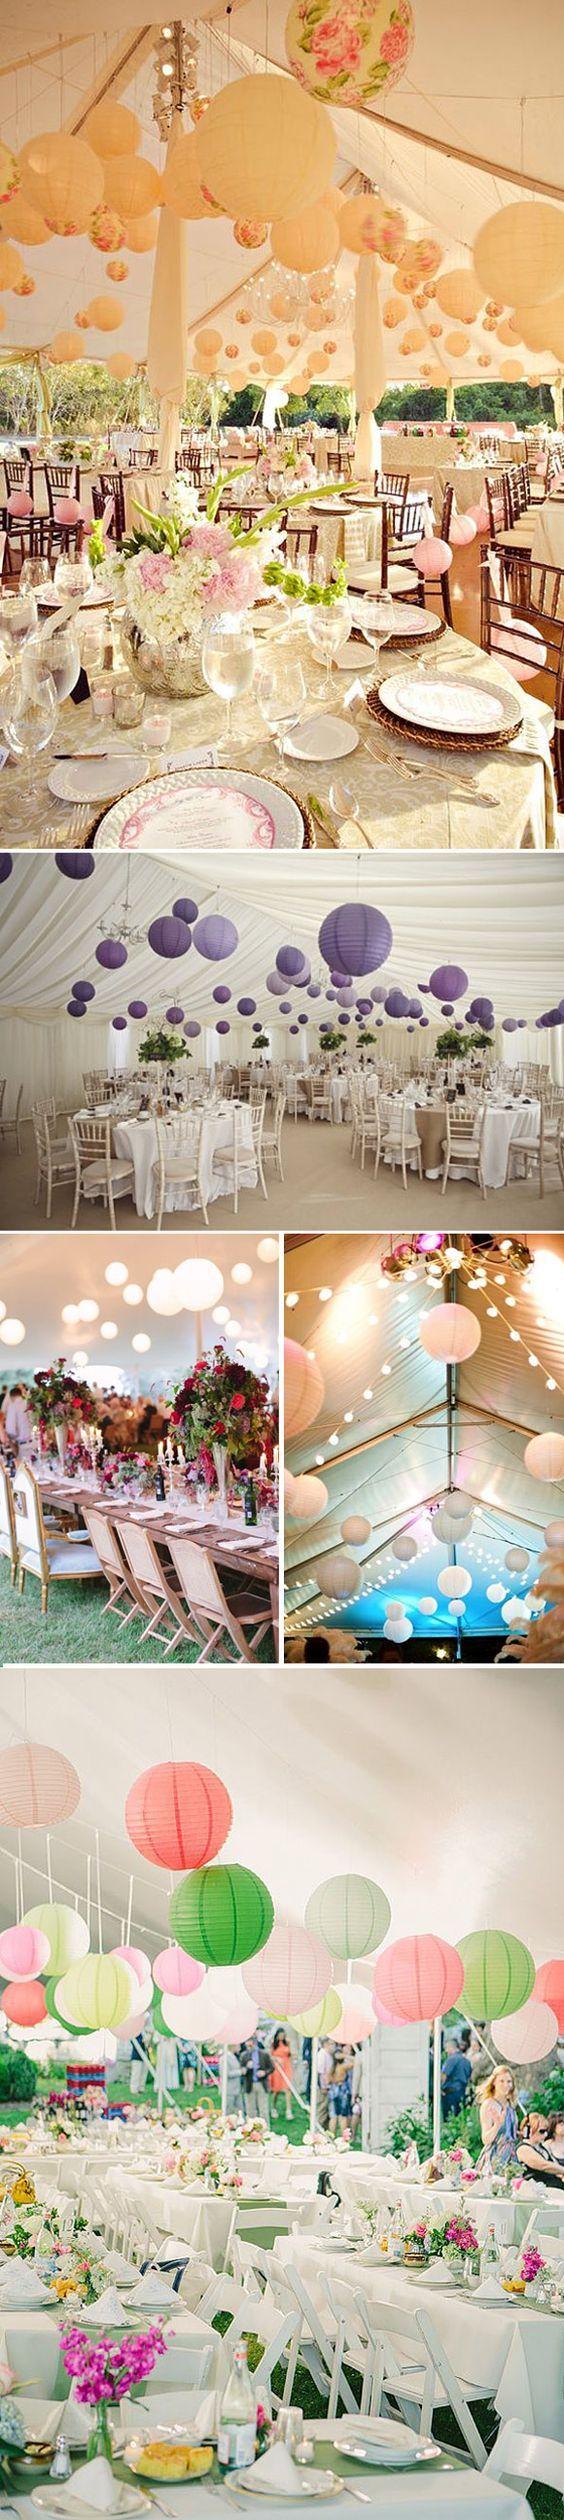 ¡¡tips para decorar el techo el dia de tu boda!!